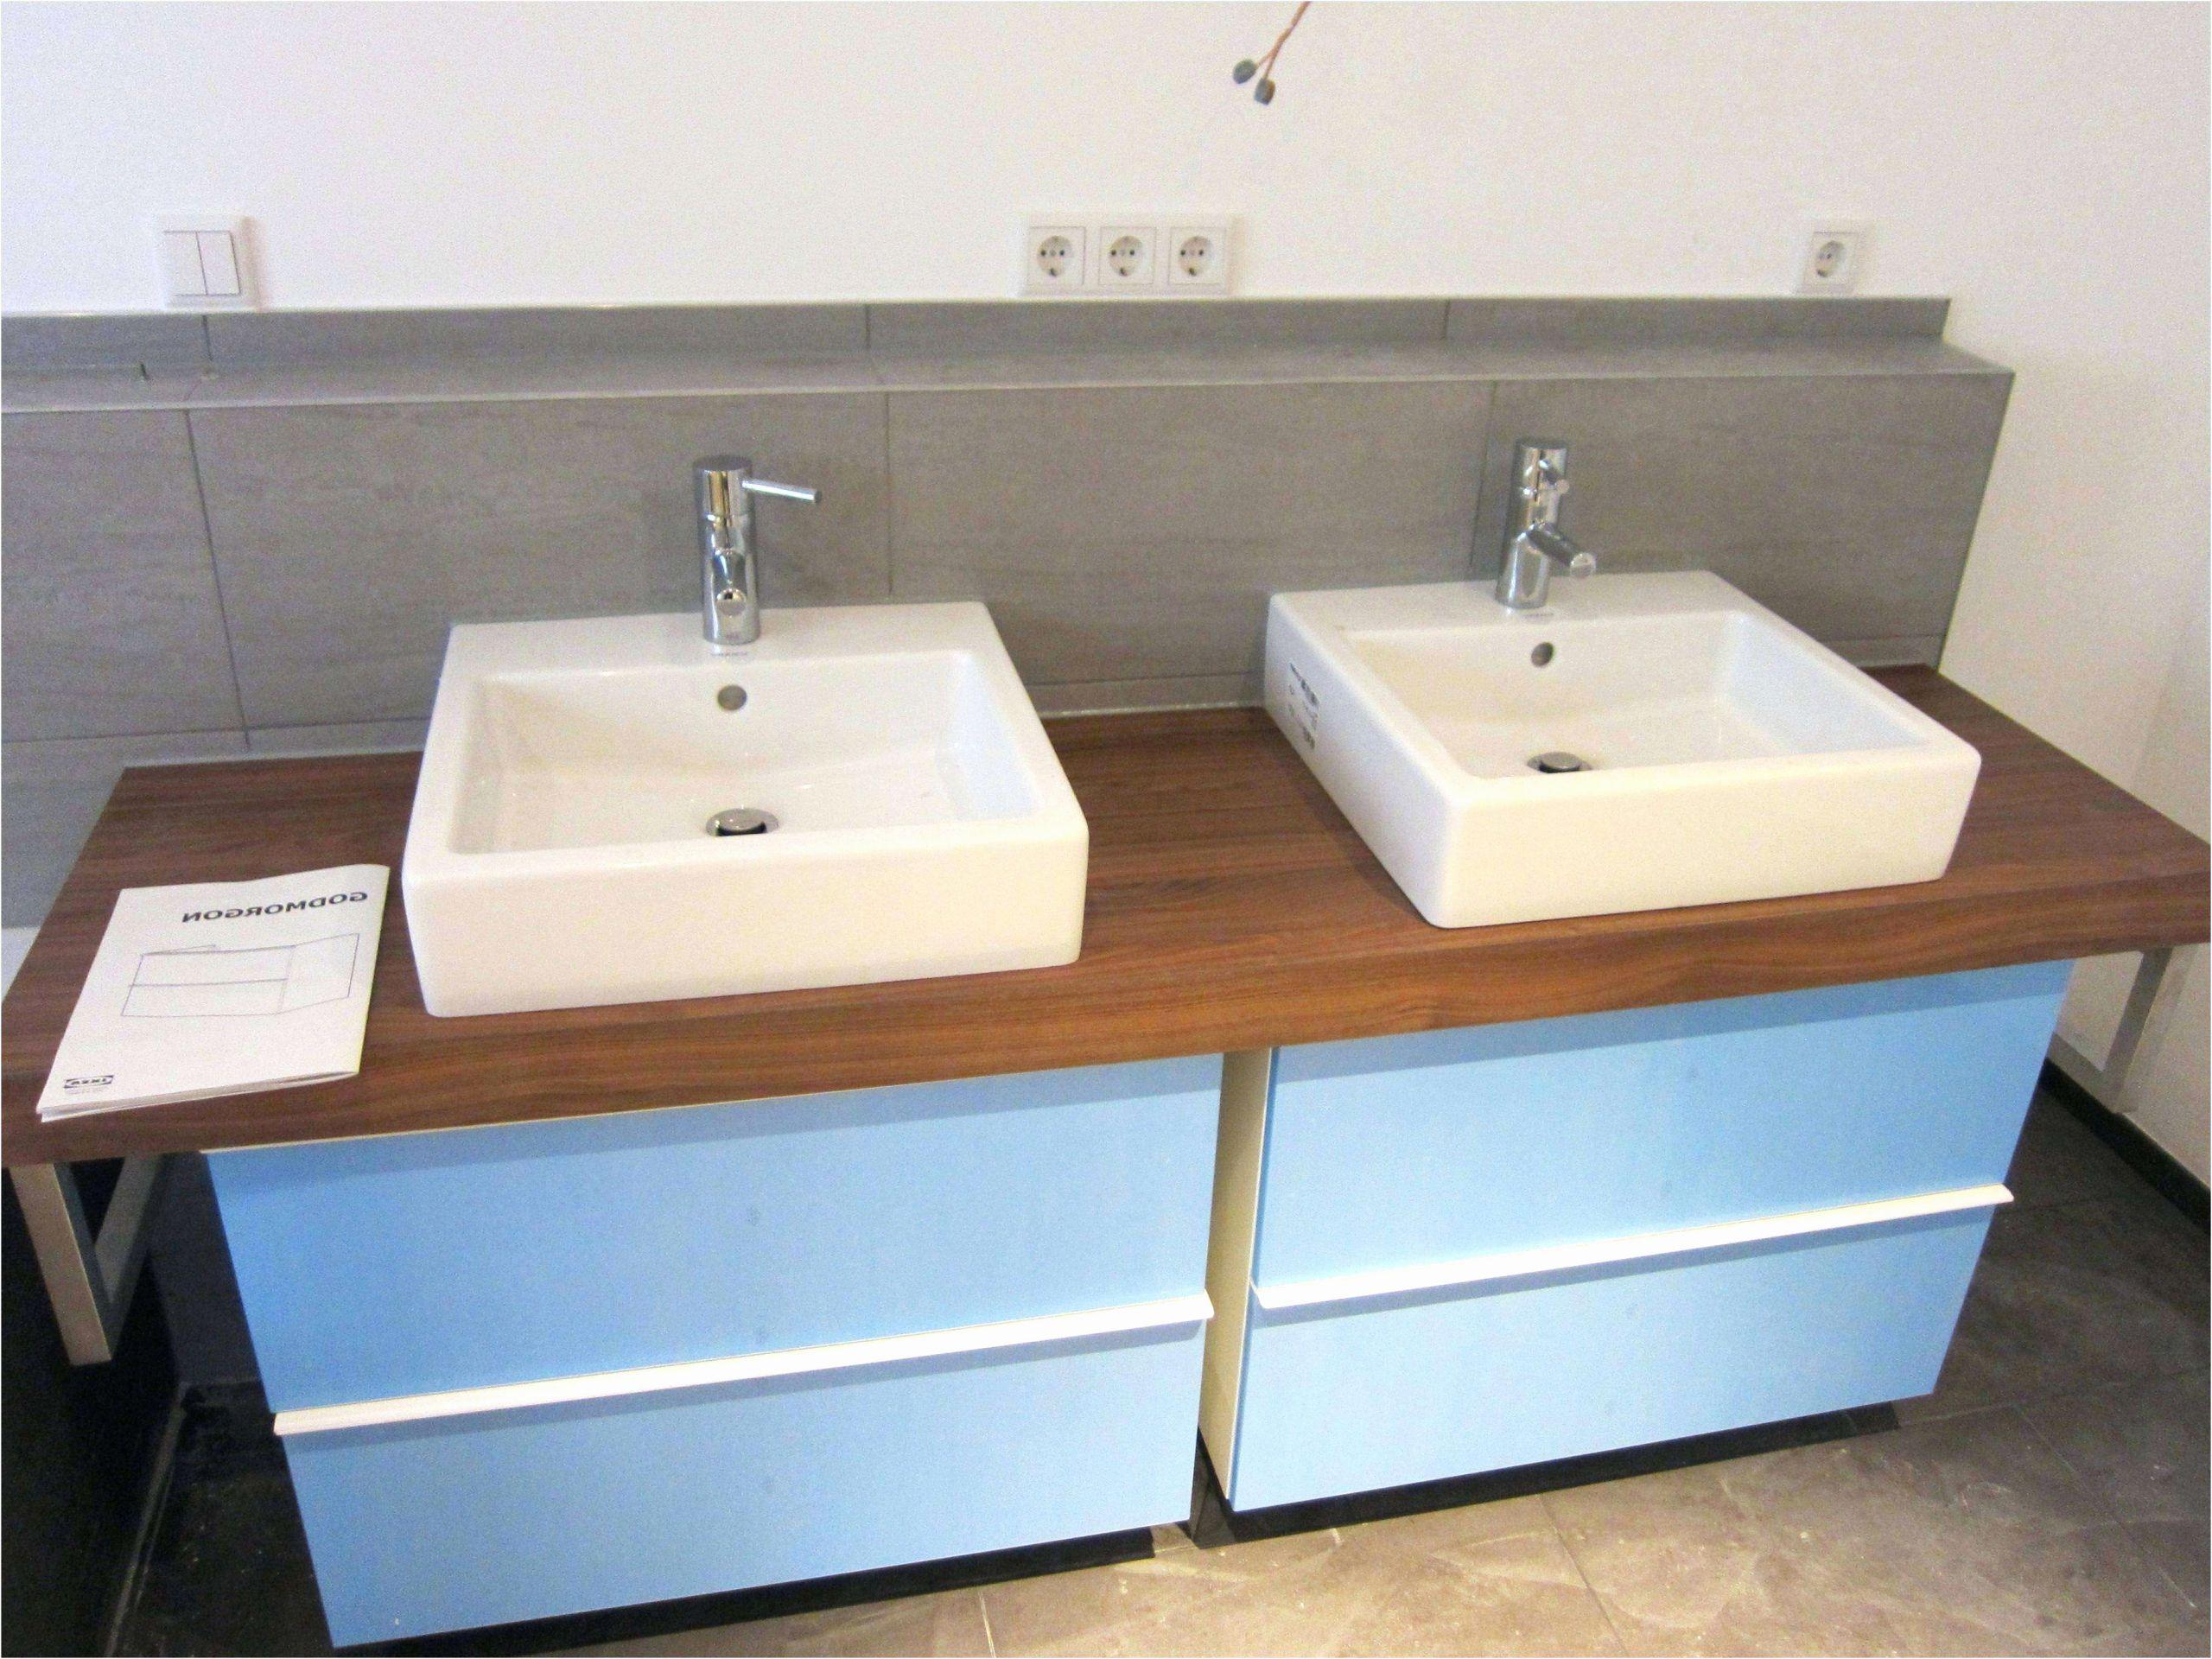 waschbecken mit unterschrank stehend geschmackvoll schon waschtische holz waschtische holz 0d s schema von von waschbecken mit unterschrank stehend